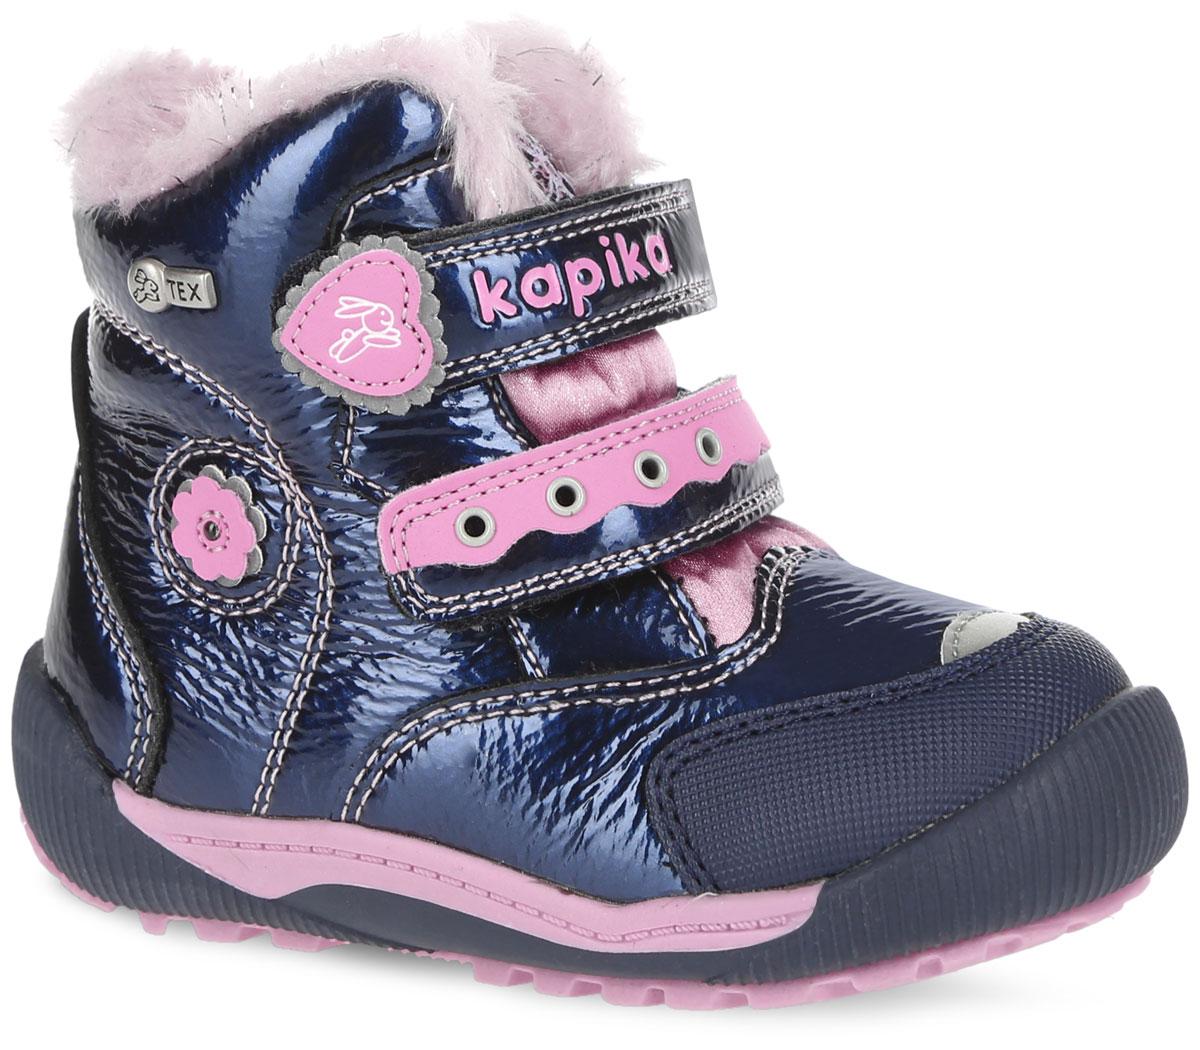 41145-2Стильные ботинки от Kapika заинтересуют вашу юную модницу с первого взгляда. Ботинки выполнены из искусственной кожи и плотного текстиля с лаковым покрытием. Модель оформлена оригинальными нашивками и прострочкой. Передняя и задняя части дополнены накладками для уменьшения износа обуви. Модель фиксируется на ноге с помощью удобных ремешков с застежками-липучками, одна из которых оформлена надписью с названием фирмы. Мягкий манжет и внутренняя поверхность из текстиля создают комфорт при ходьбе и предотвращают натирание ножки ребенка. Подкладка и стелька на 80% состоят из натуральной шерсти и обеспечат ножкам тепло и уют. Подошва изготовлена из прочного и легкого ТЭП-материала, а ее рифленая поверхность гарантирует отличное сцепление с любой поверхностью. Стильные и практичные ботинки займут достойное место в гардеробе вашей девочки.